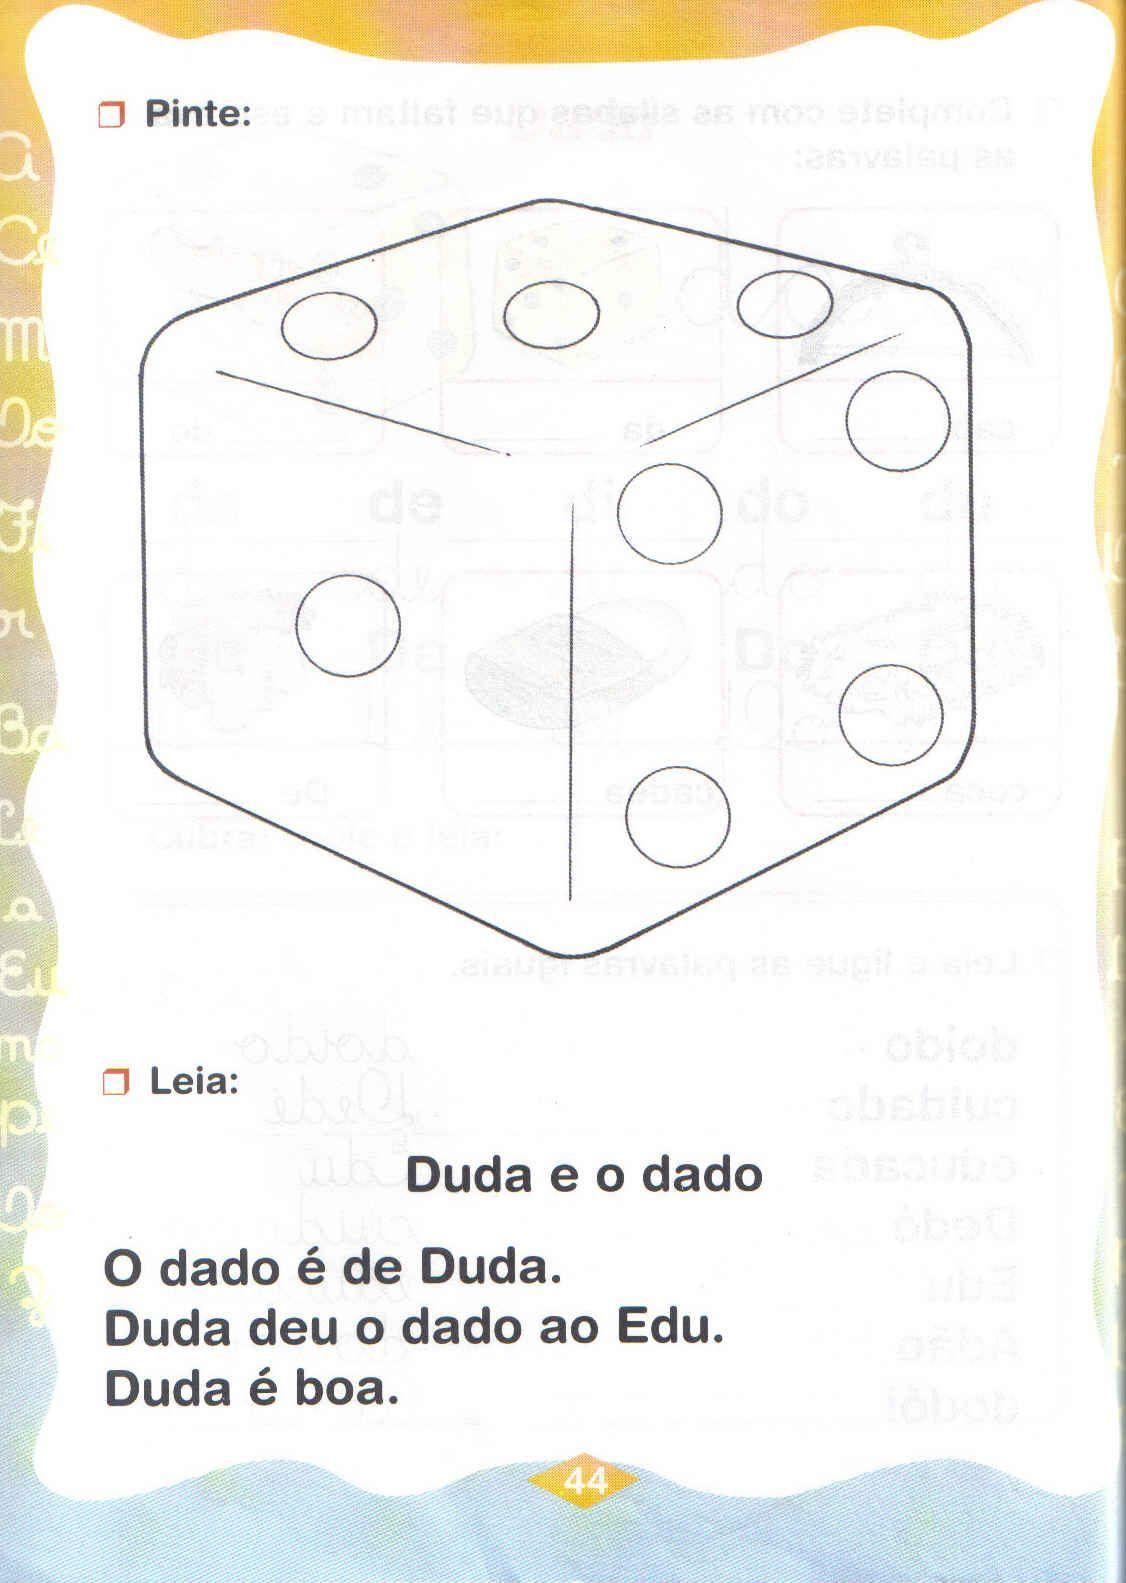 Melhores Atividades Com As Silabas Da De Di Do Du Jpg 1126 1583